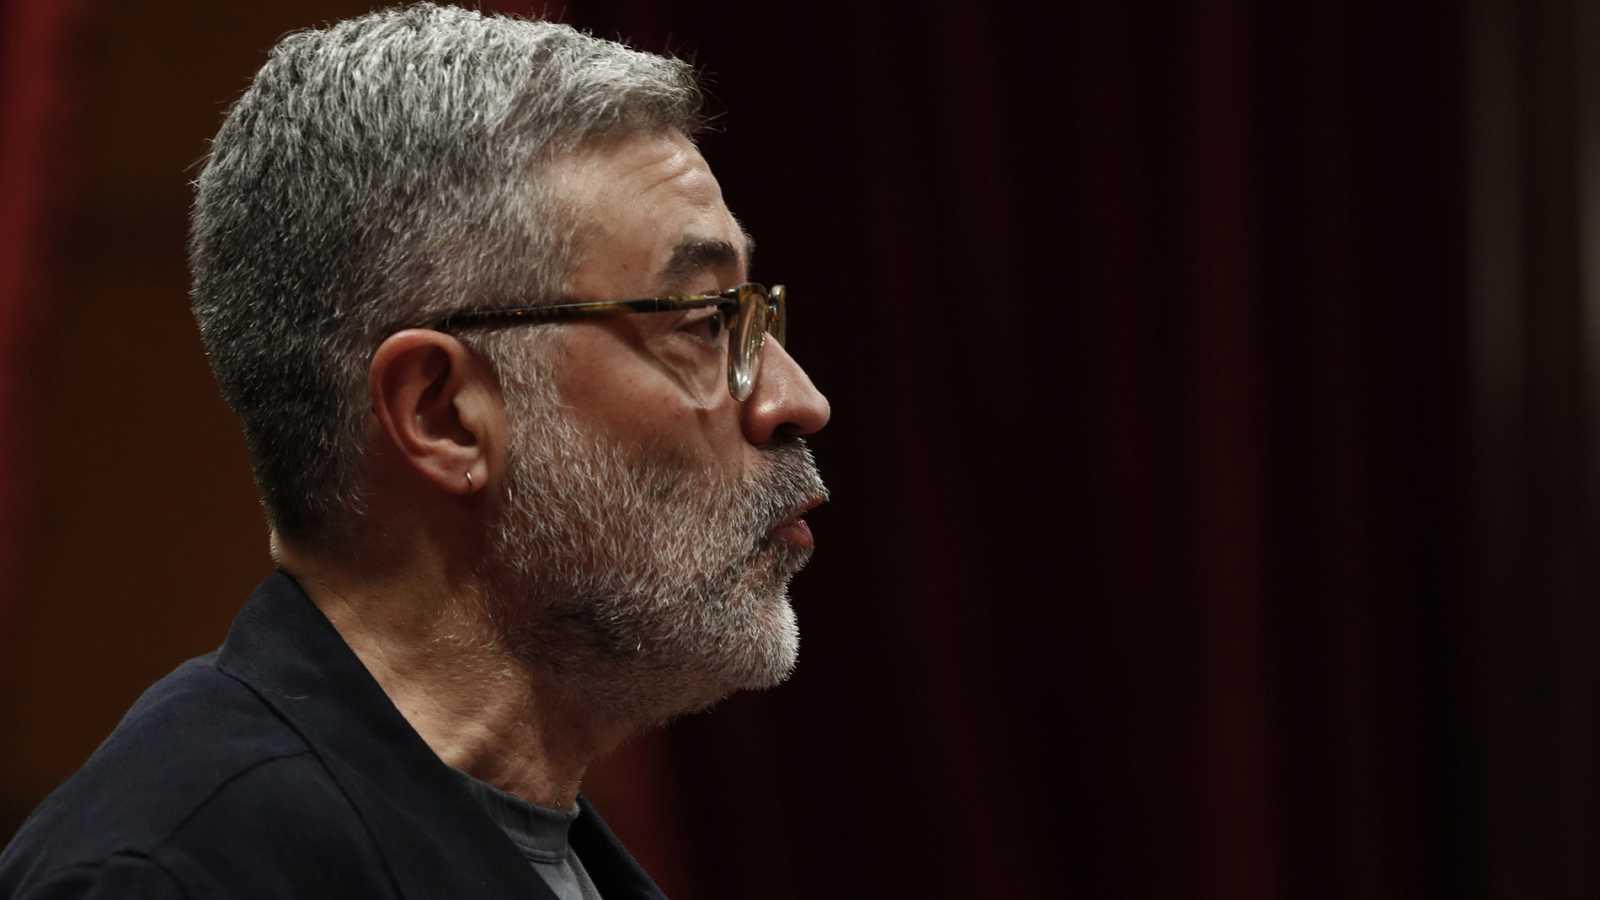 Discurso íntegro de Carles Riera en el debate de investidura de Quim Torra